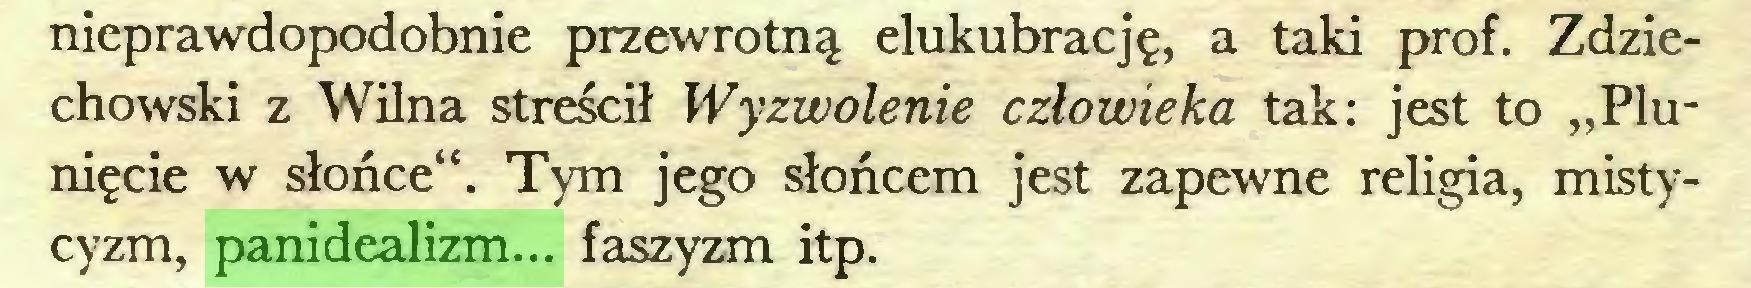 """(...) nieprawdopodobnie przewrotną elukubrację, a taki prof. Zdziechowski z Wilna streścił Wyzwolenie człowieka tak: jest to """"Plunięcie w słońce"""". Tym jego słońcem jest zapewne religia, mistycyzm, panidealizm... faszyzm itp..."""